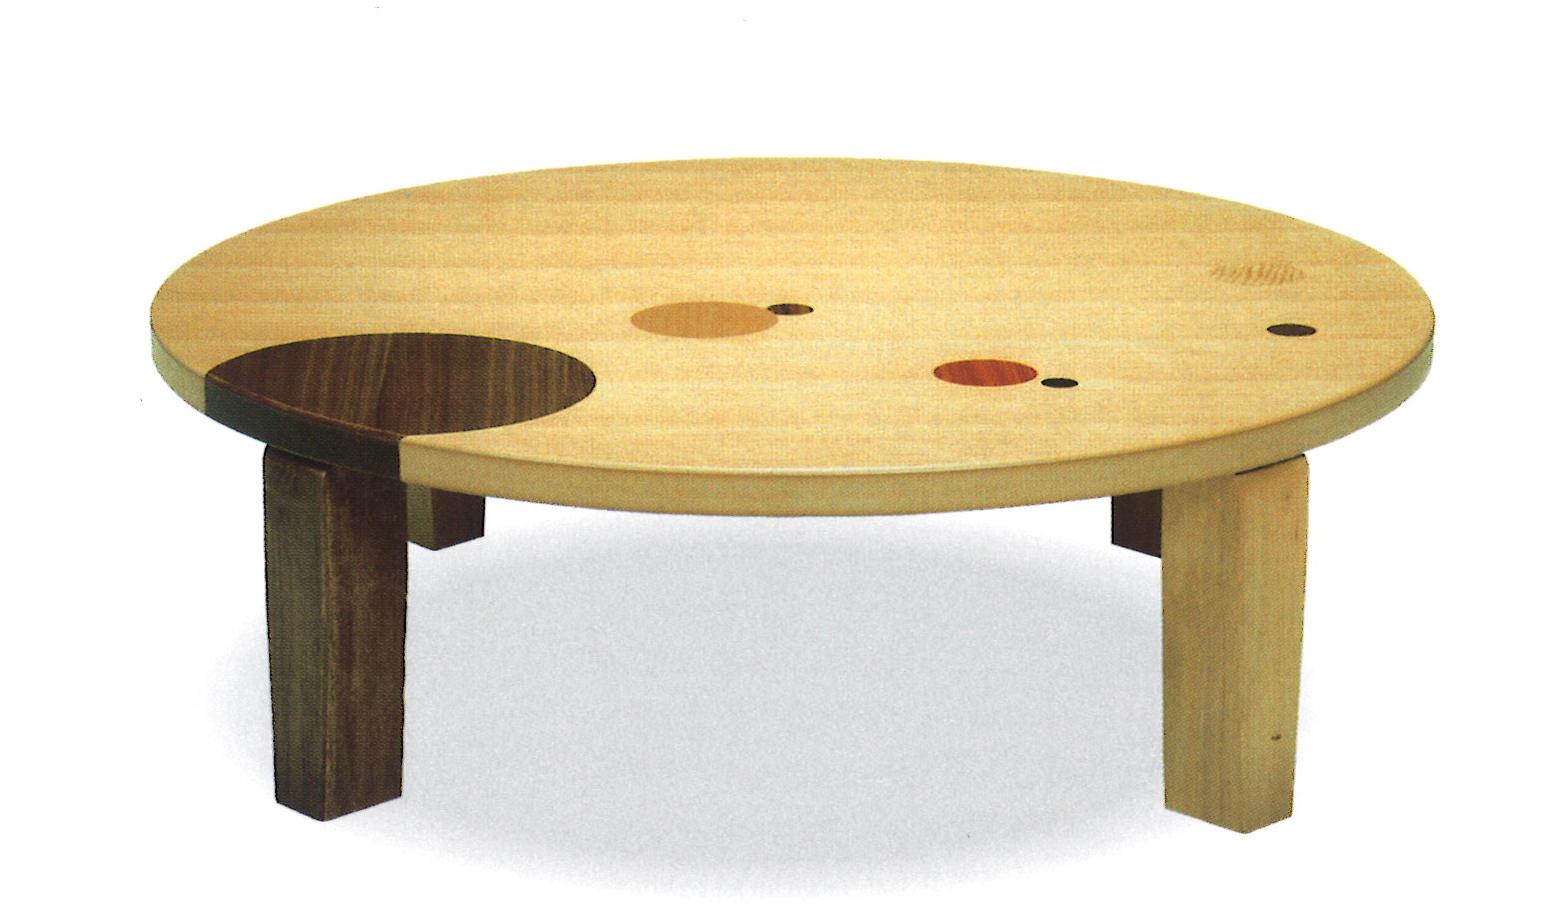 創作座卓 90丸 アース ナラ象嵌入り 折れ脚かわいい水玉模様入りつや消し仕上げ送料無料(沖縄、北海道、離島は除く)代金引換不可商品